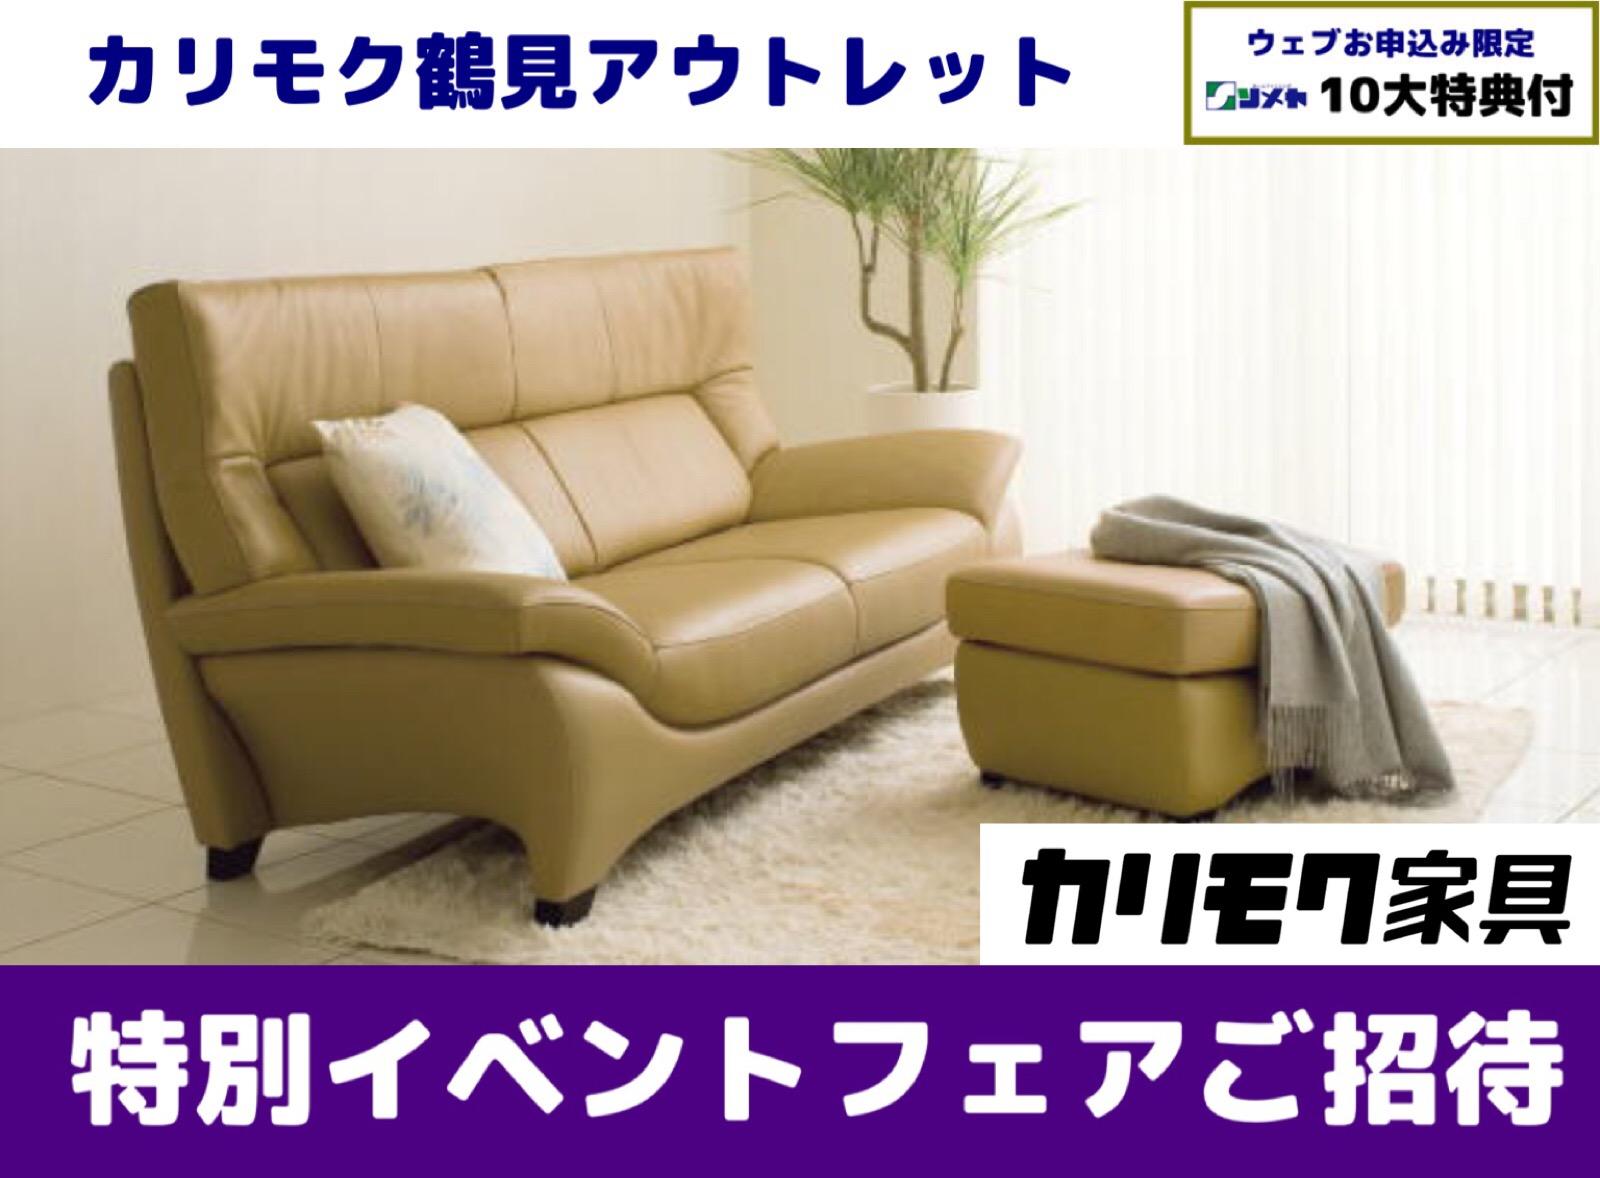 カリモク家具鶴見イベントご案内